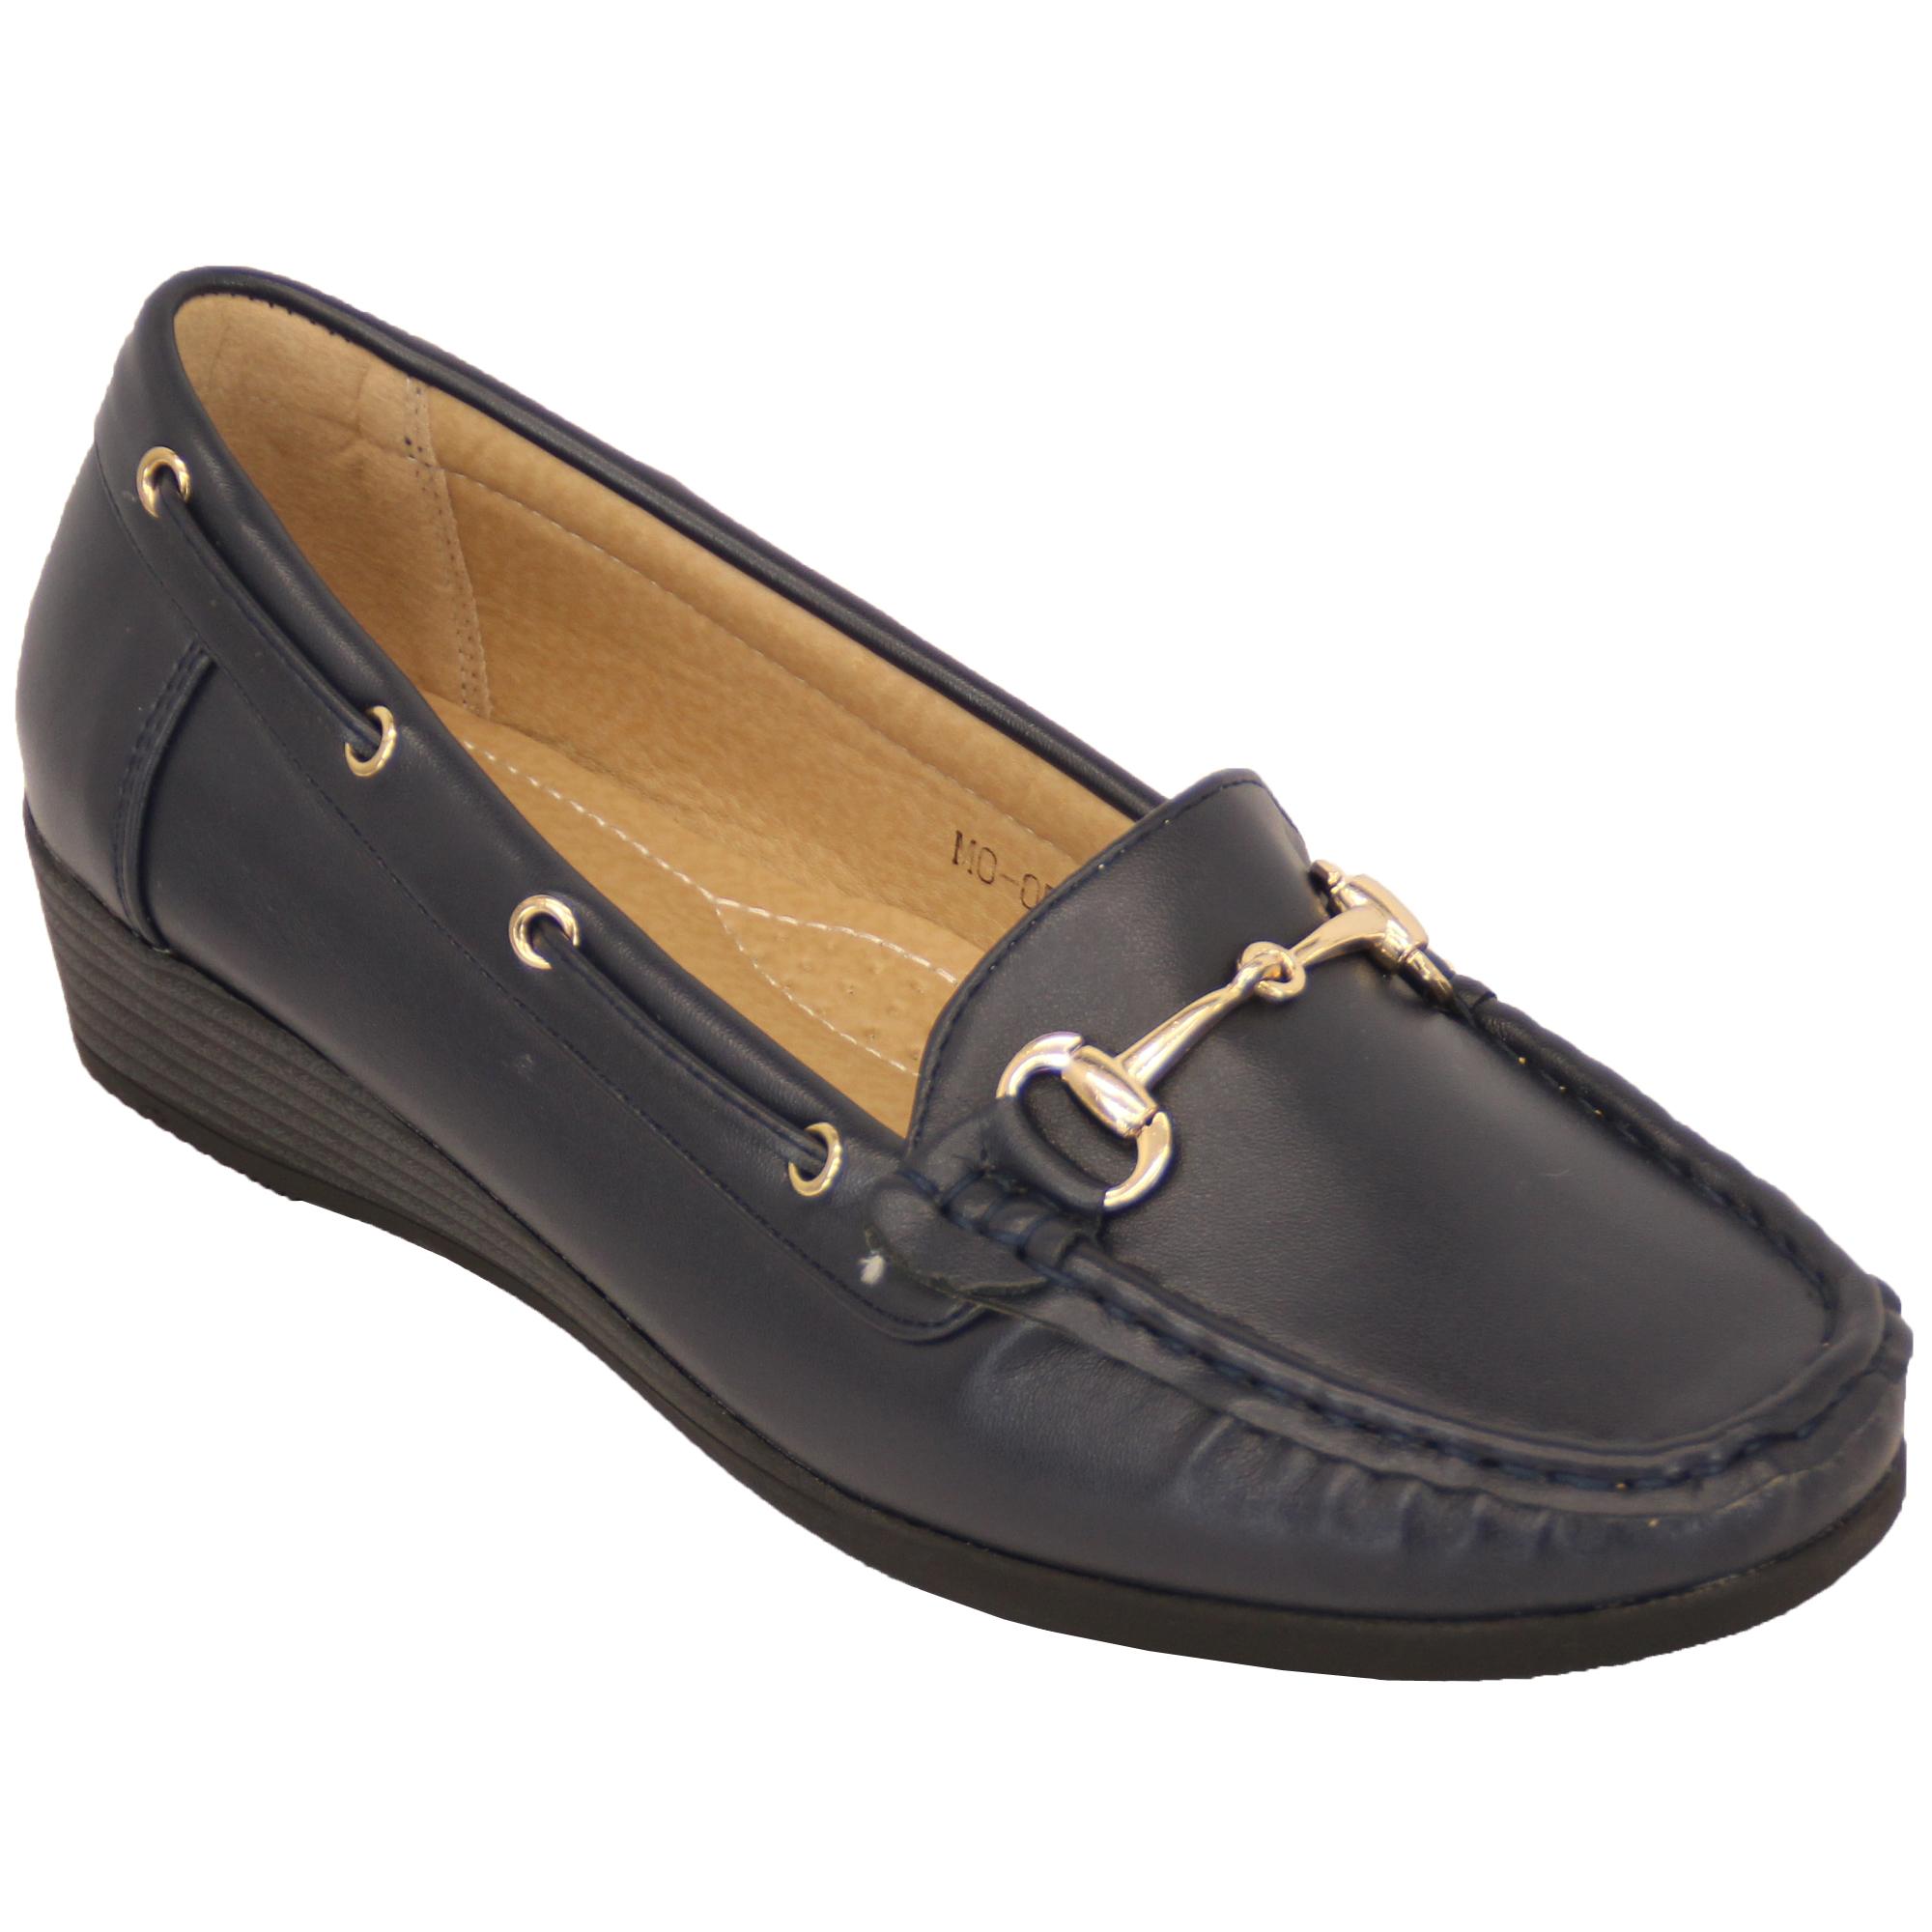 Designer Shoes Ebay Uk